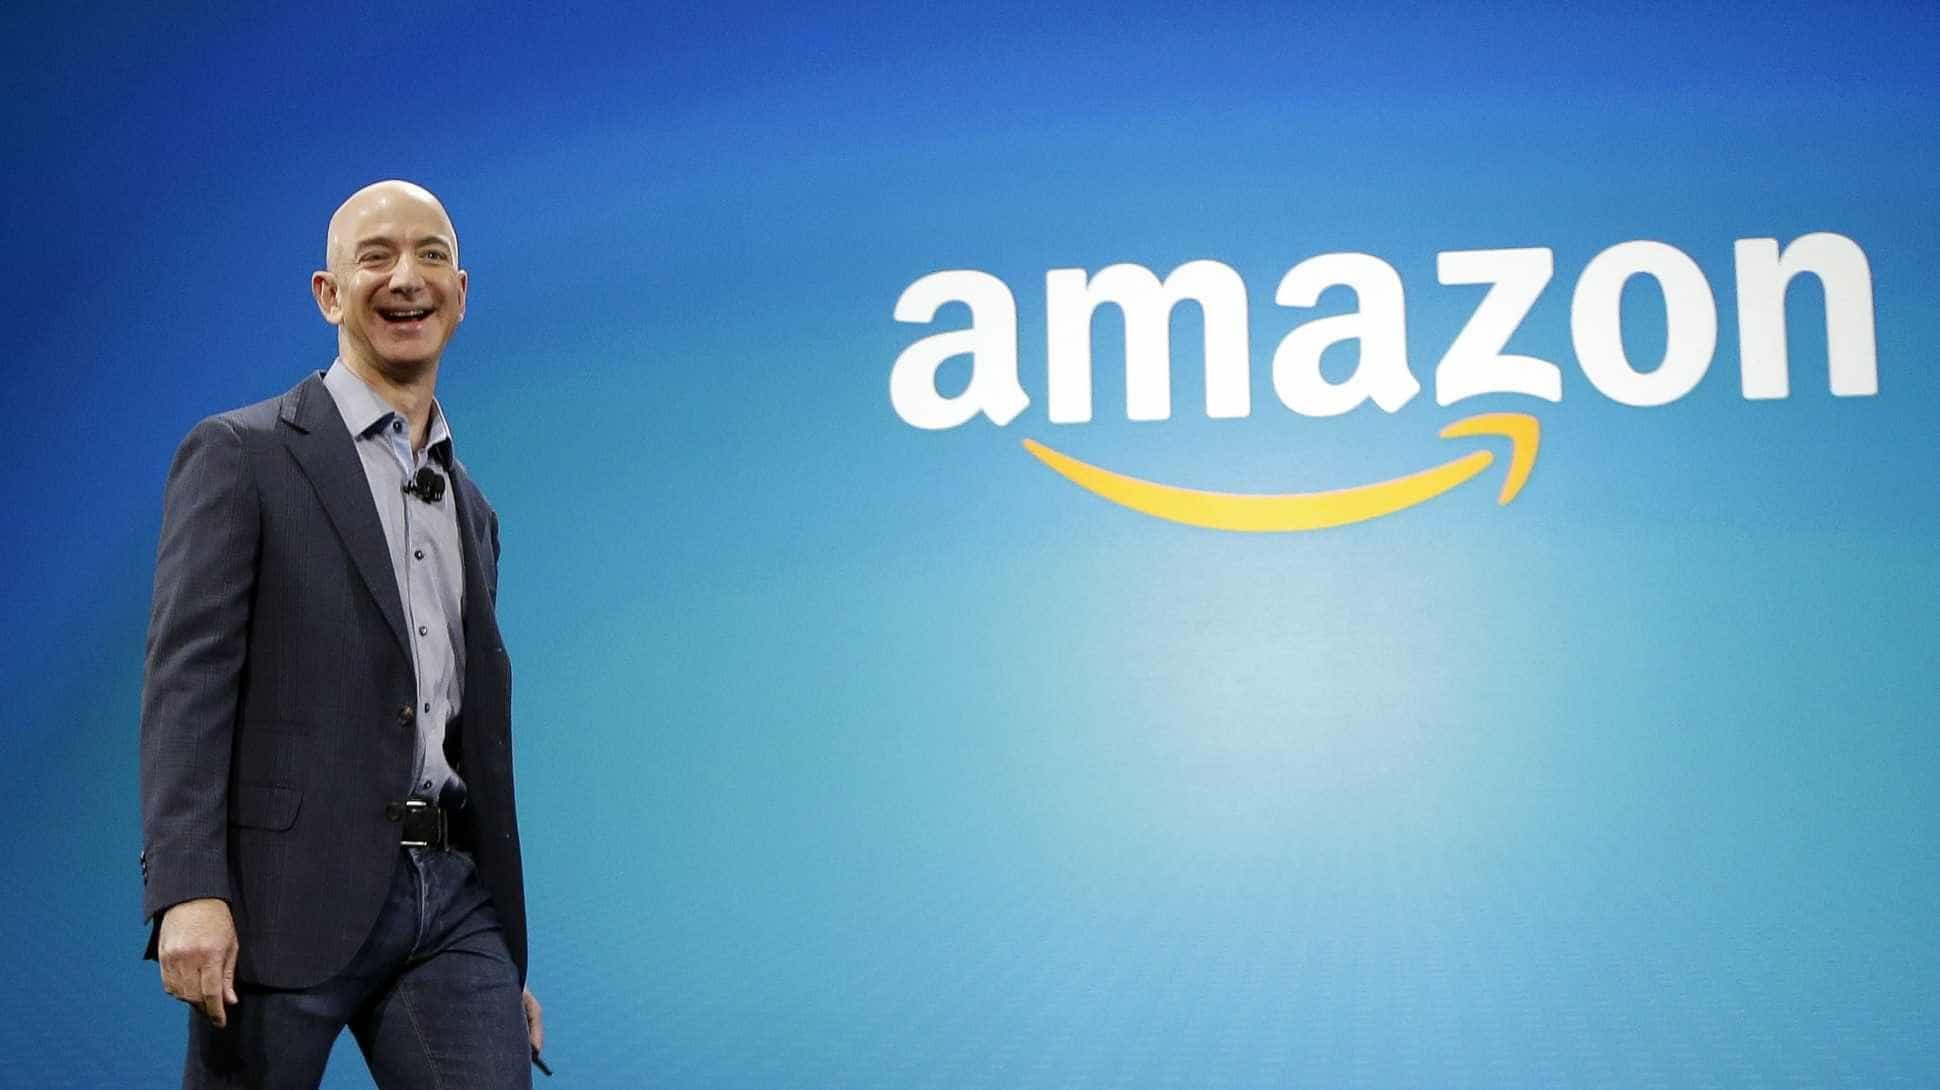 Jeff Bezos segue no posto de homem mais rico do mundo, segundo a Forbes